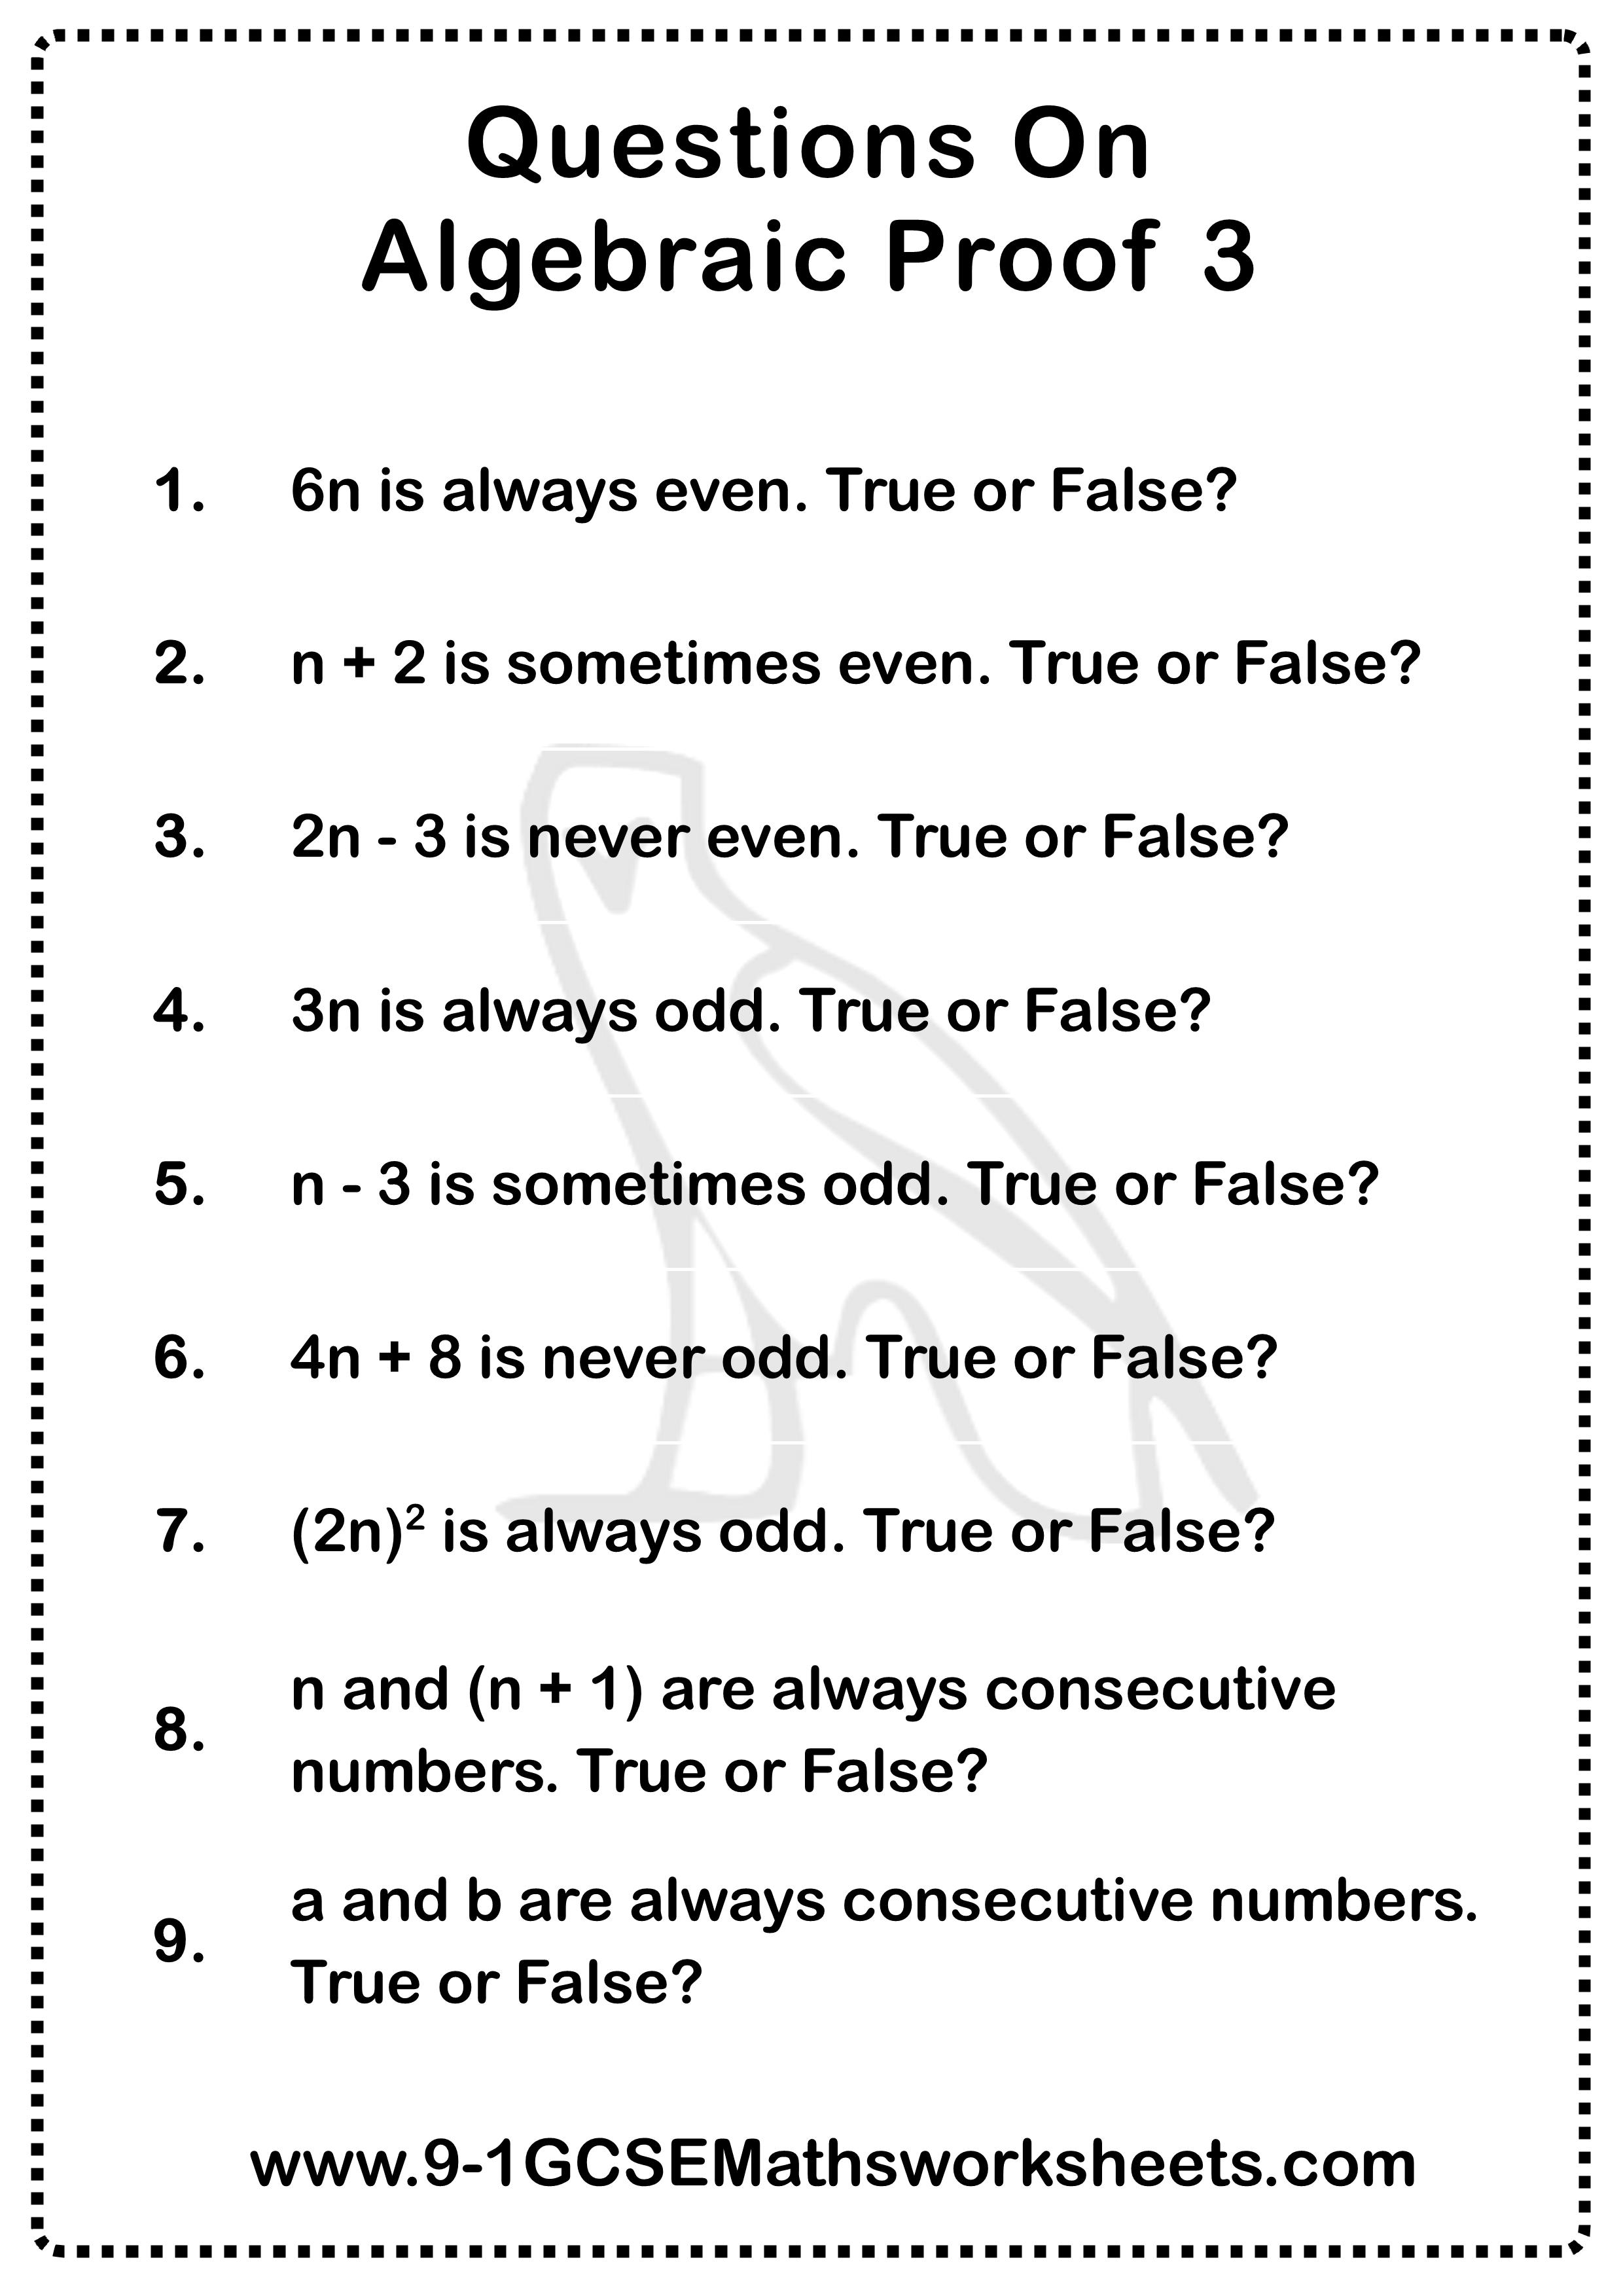 Algebraic Proof Questions 3